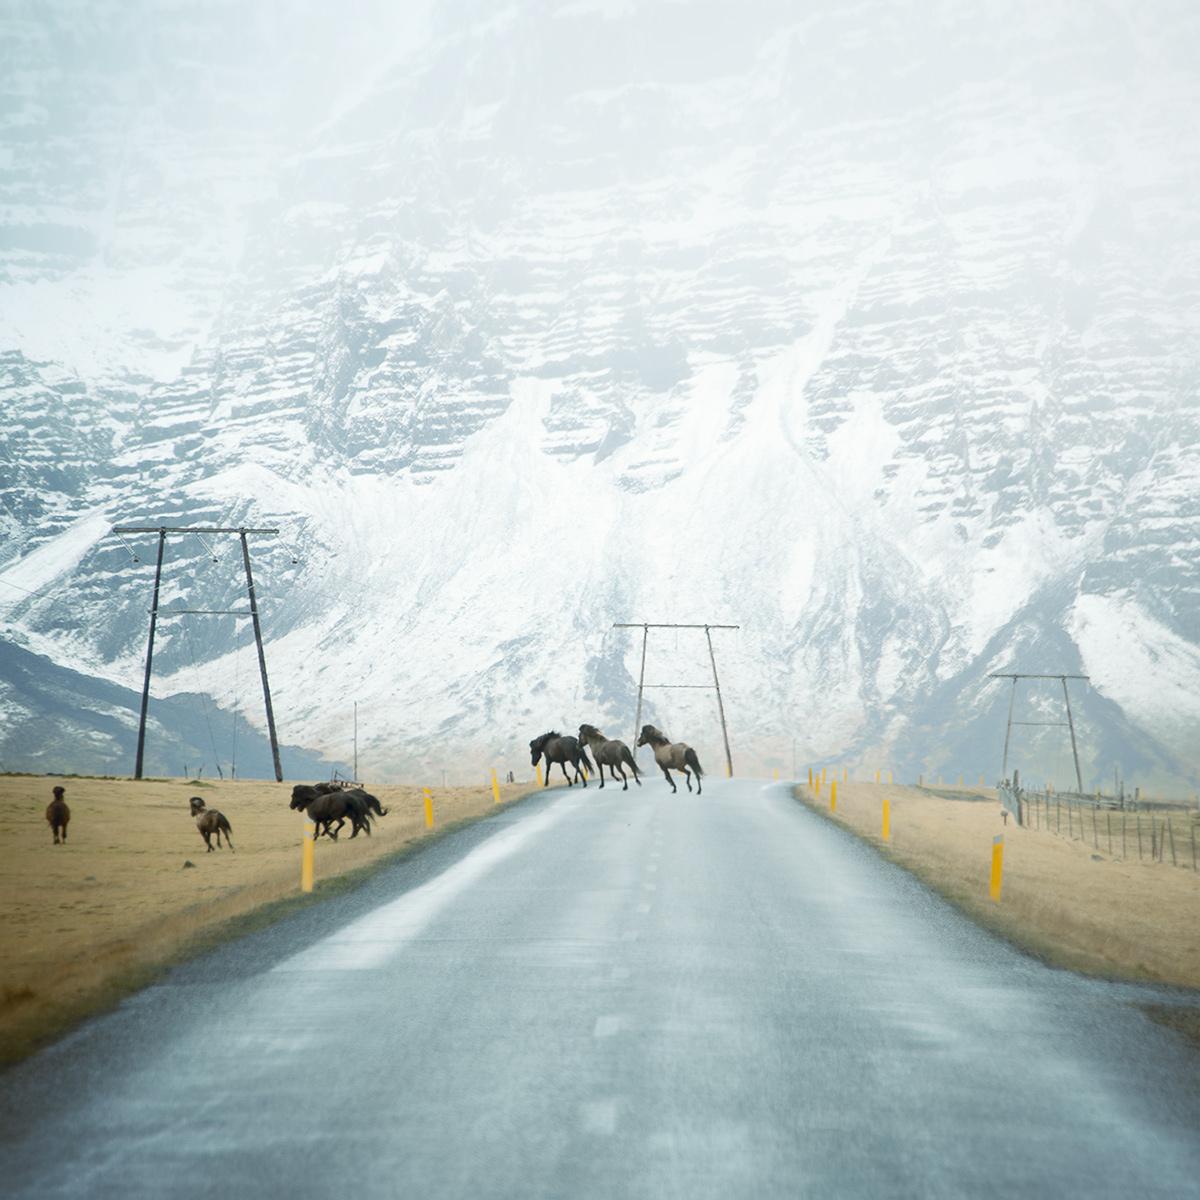 Roads-Andy-Lee-14.jpg